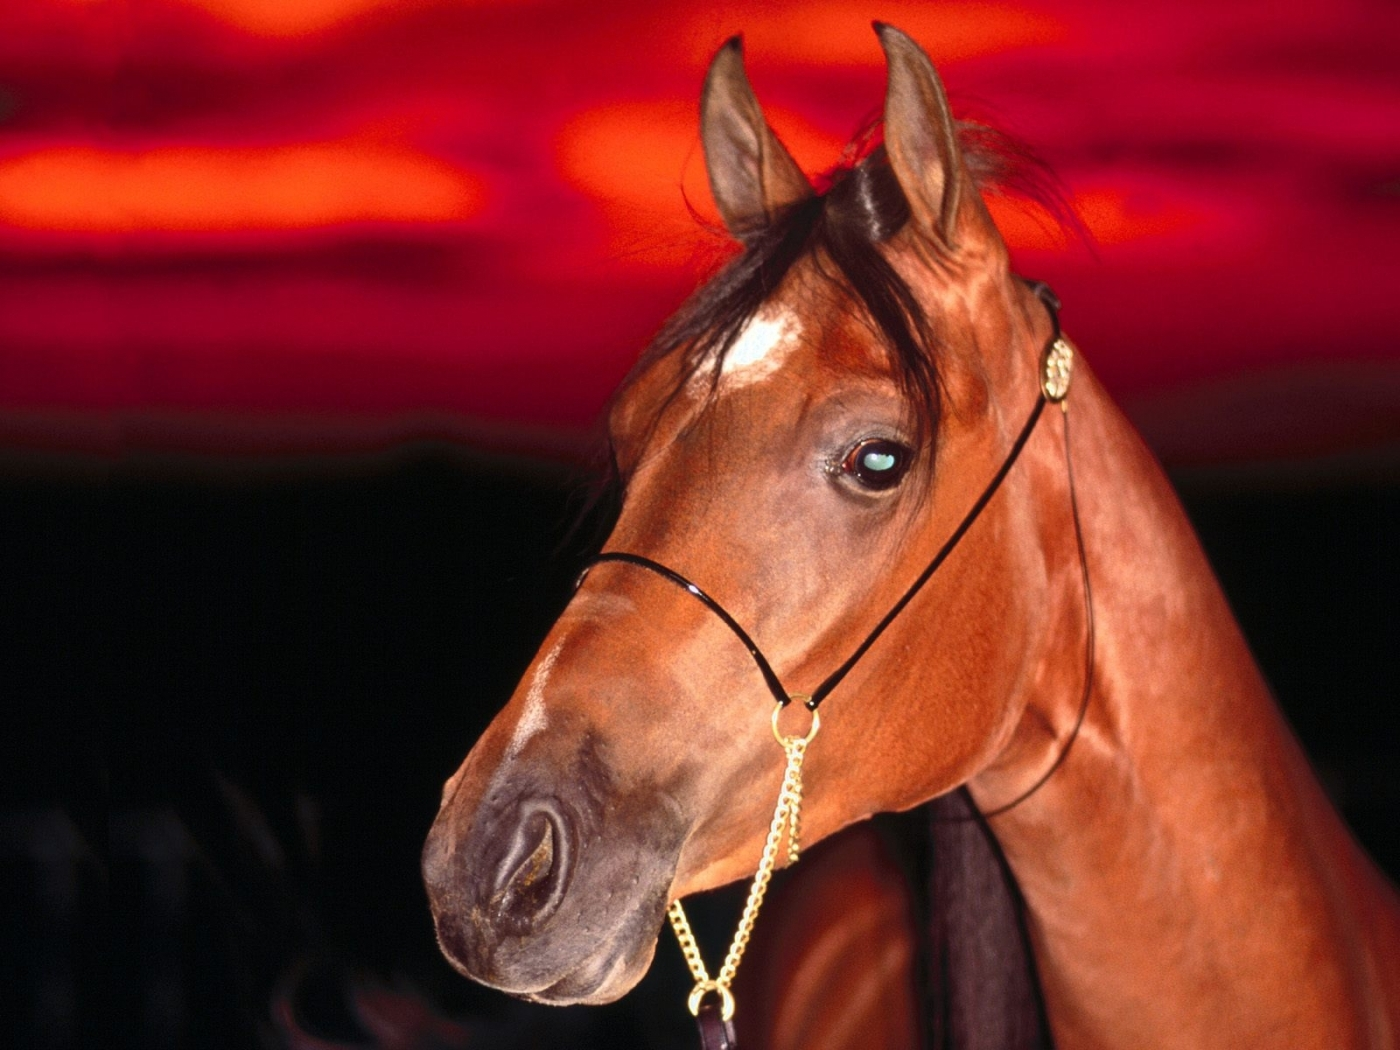 49015 скачать обои Животные, Лошади - заставки и картинки бесплатно